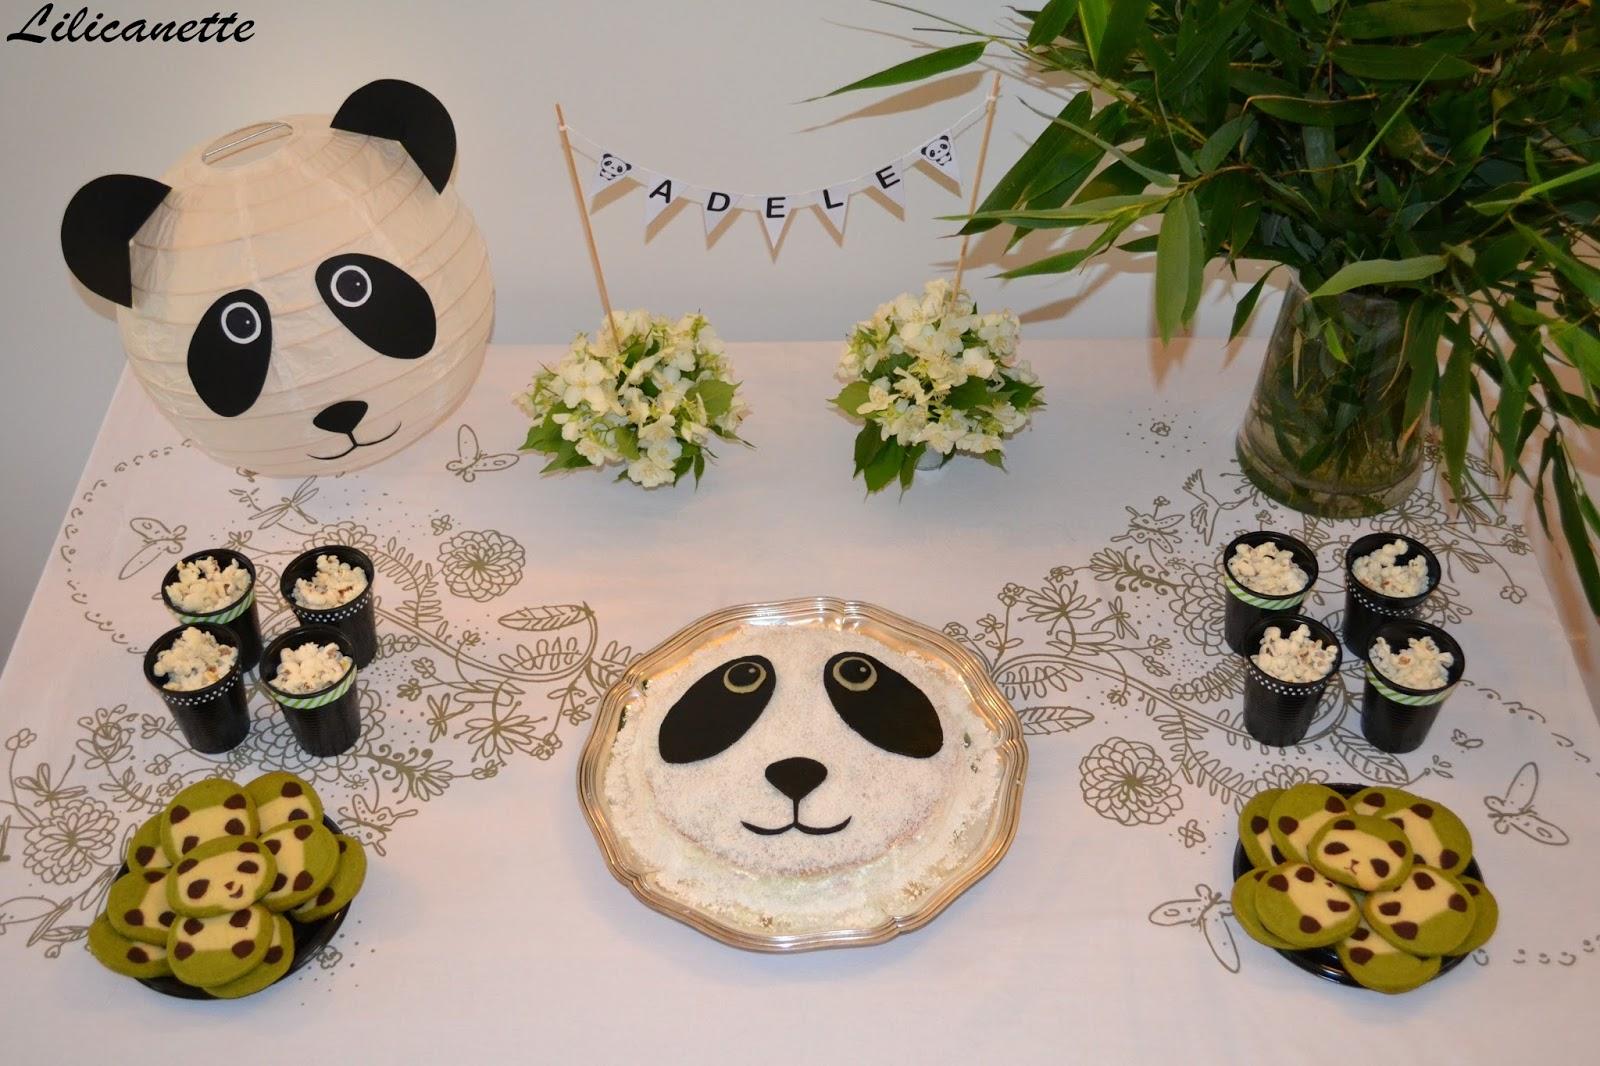 Souvent Lilicanette: Anniversaire et sweet table Panda WC72